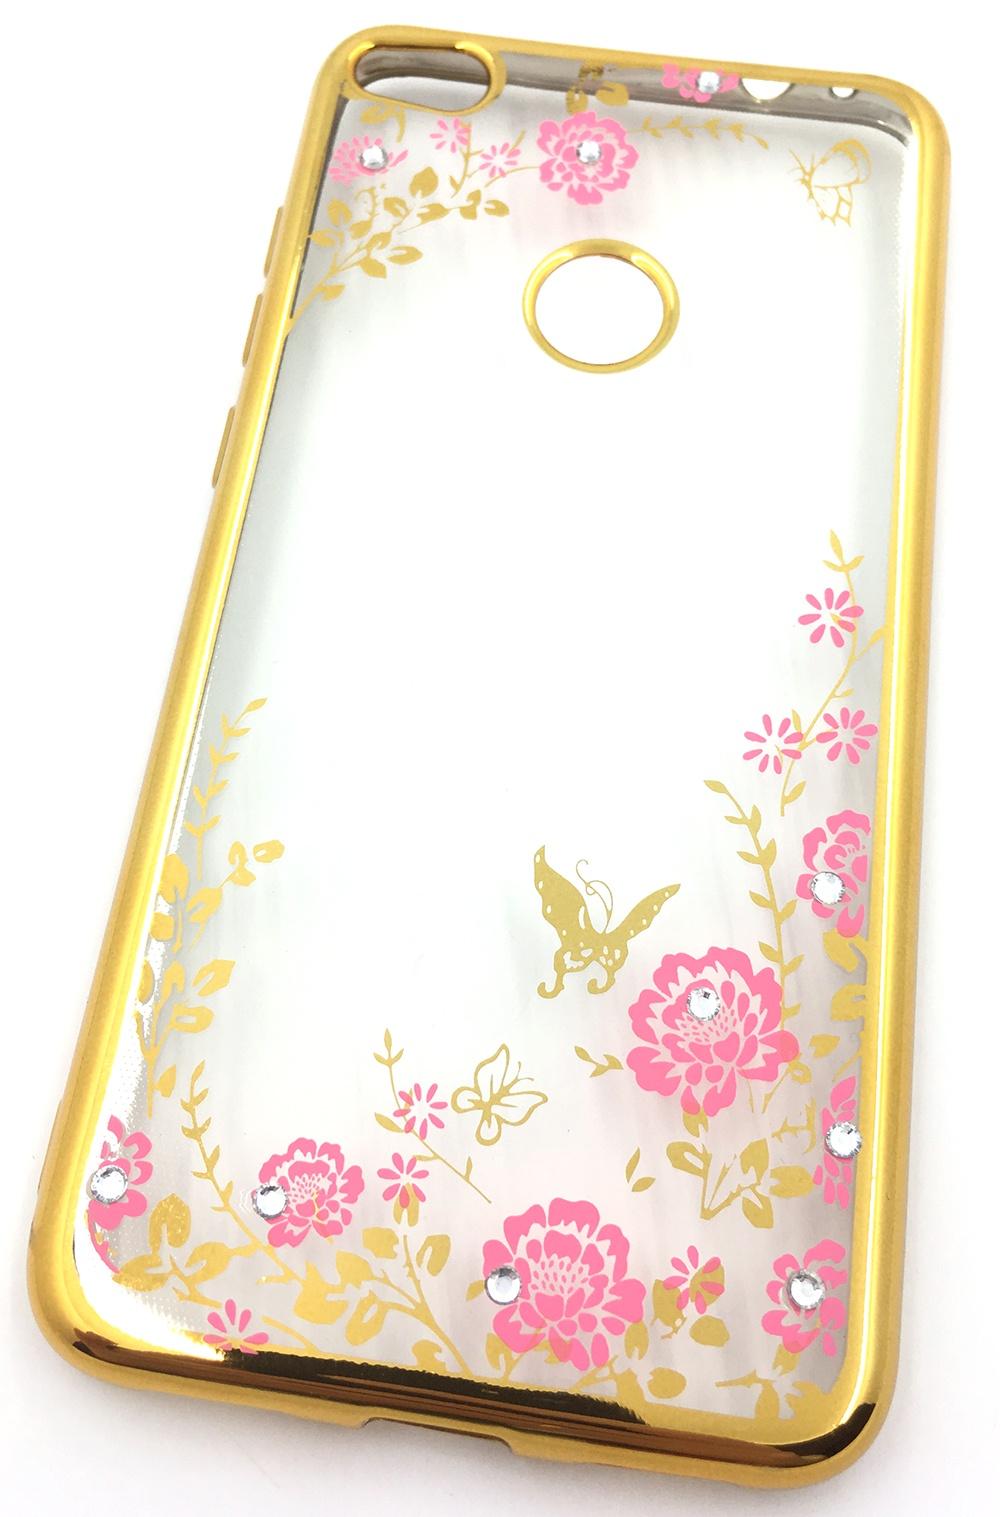 Чехол для сотового телефона Мобильная мода Honor 8 lite 2017 Силиконовая, прозрачная накладка со стразами, 6 340G, золотой чехол для сотового телефона мобильная мода meizu pro 6 силиконовая прозрачная накладка со стразами 6371g золотой